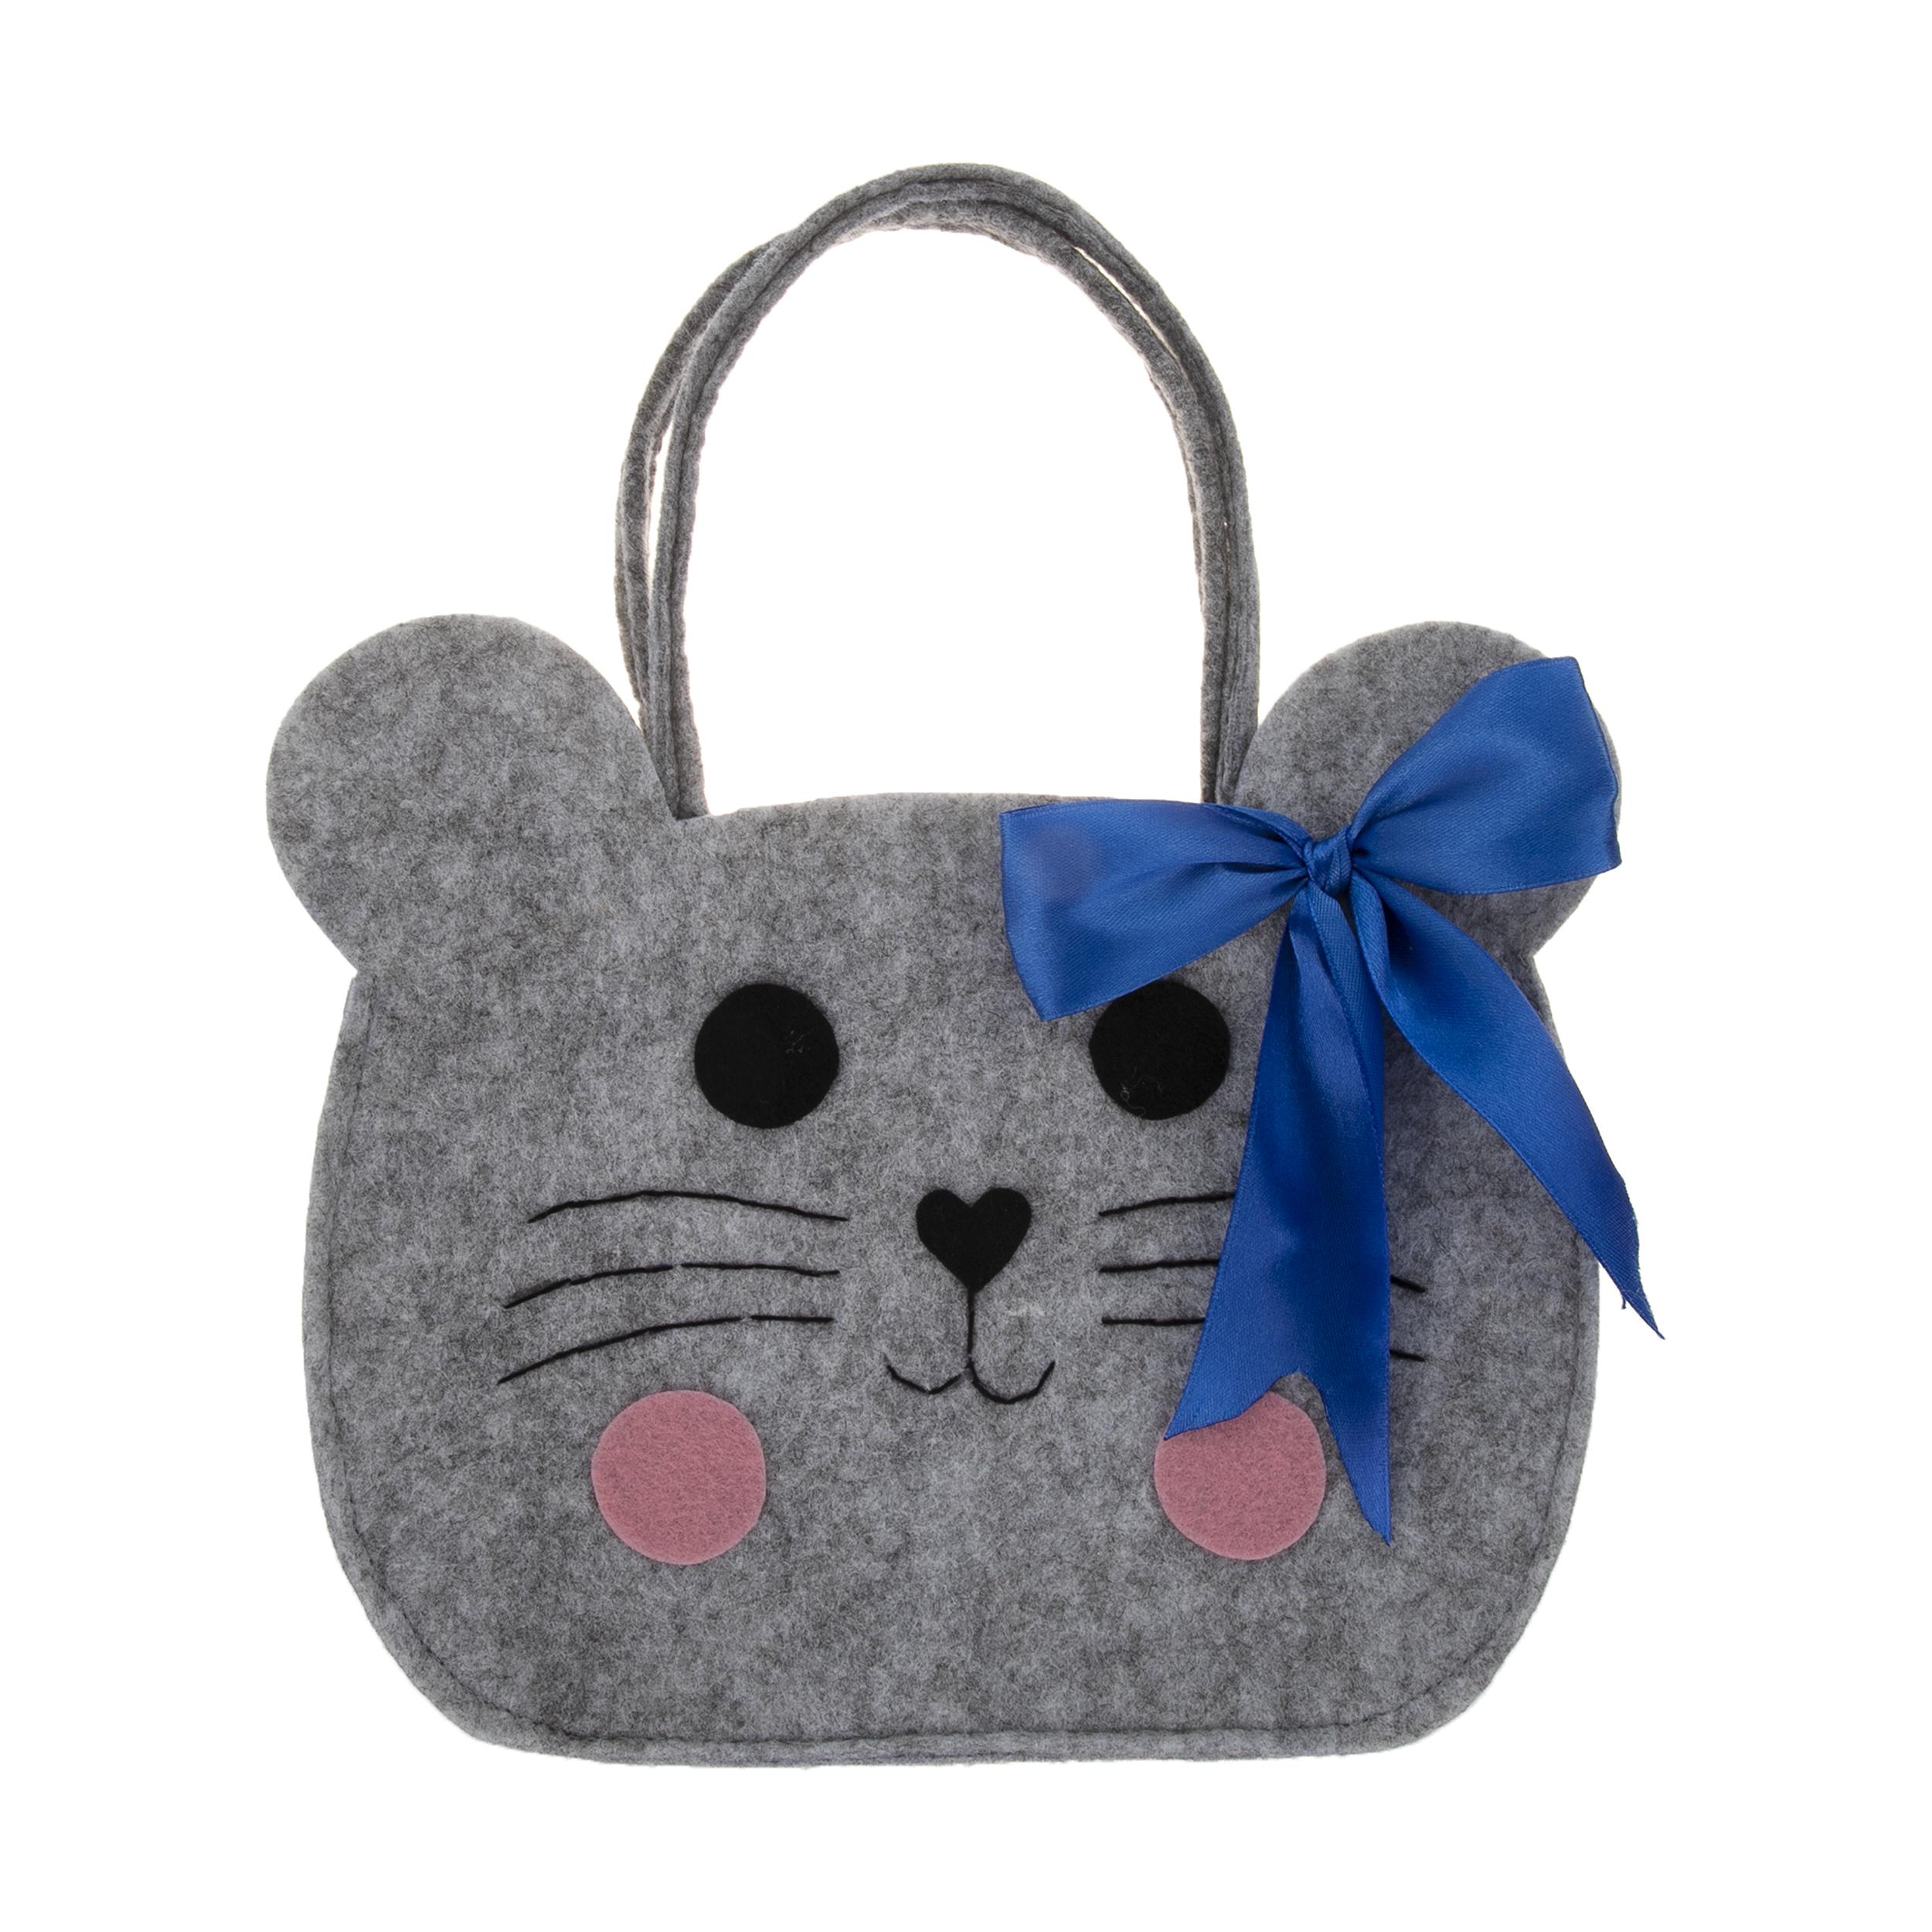 کیف دخترانه طرح موش کد 6